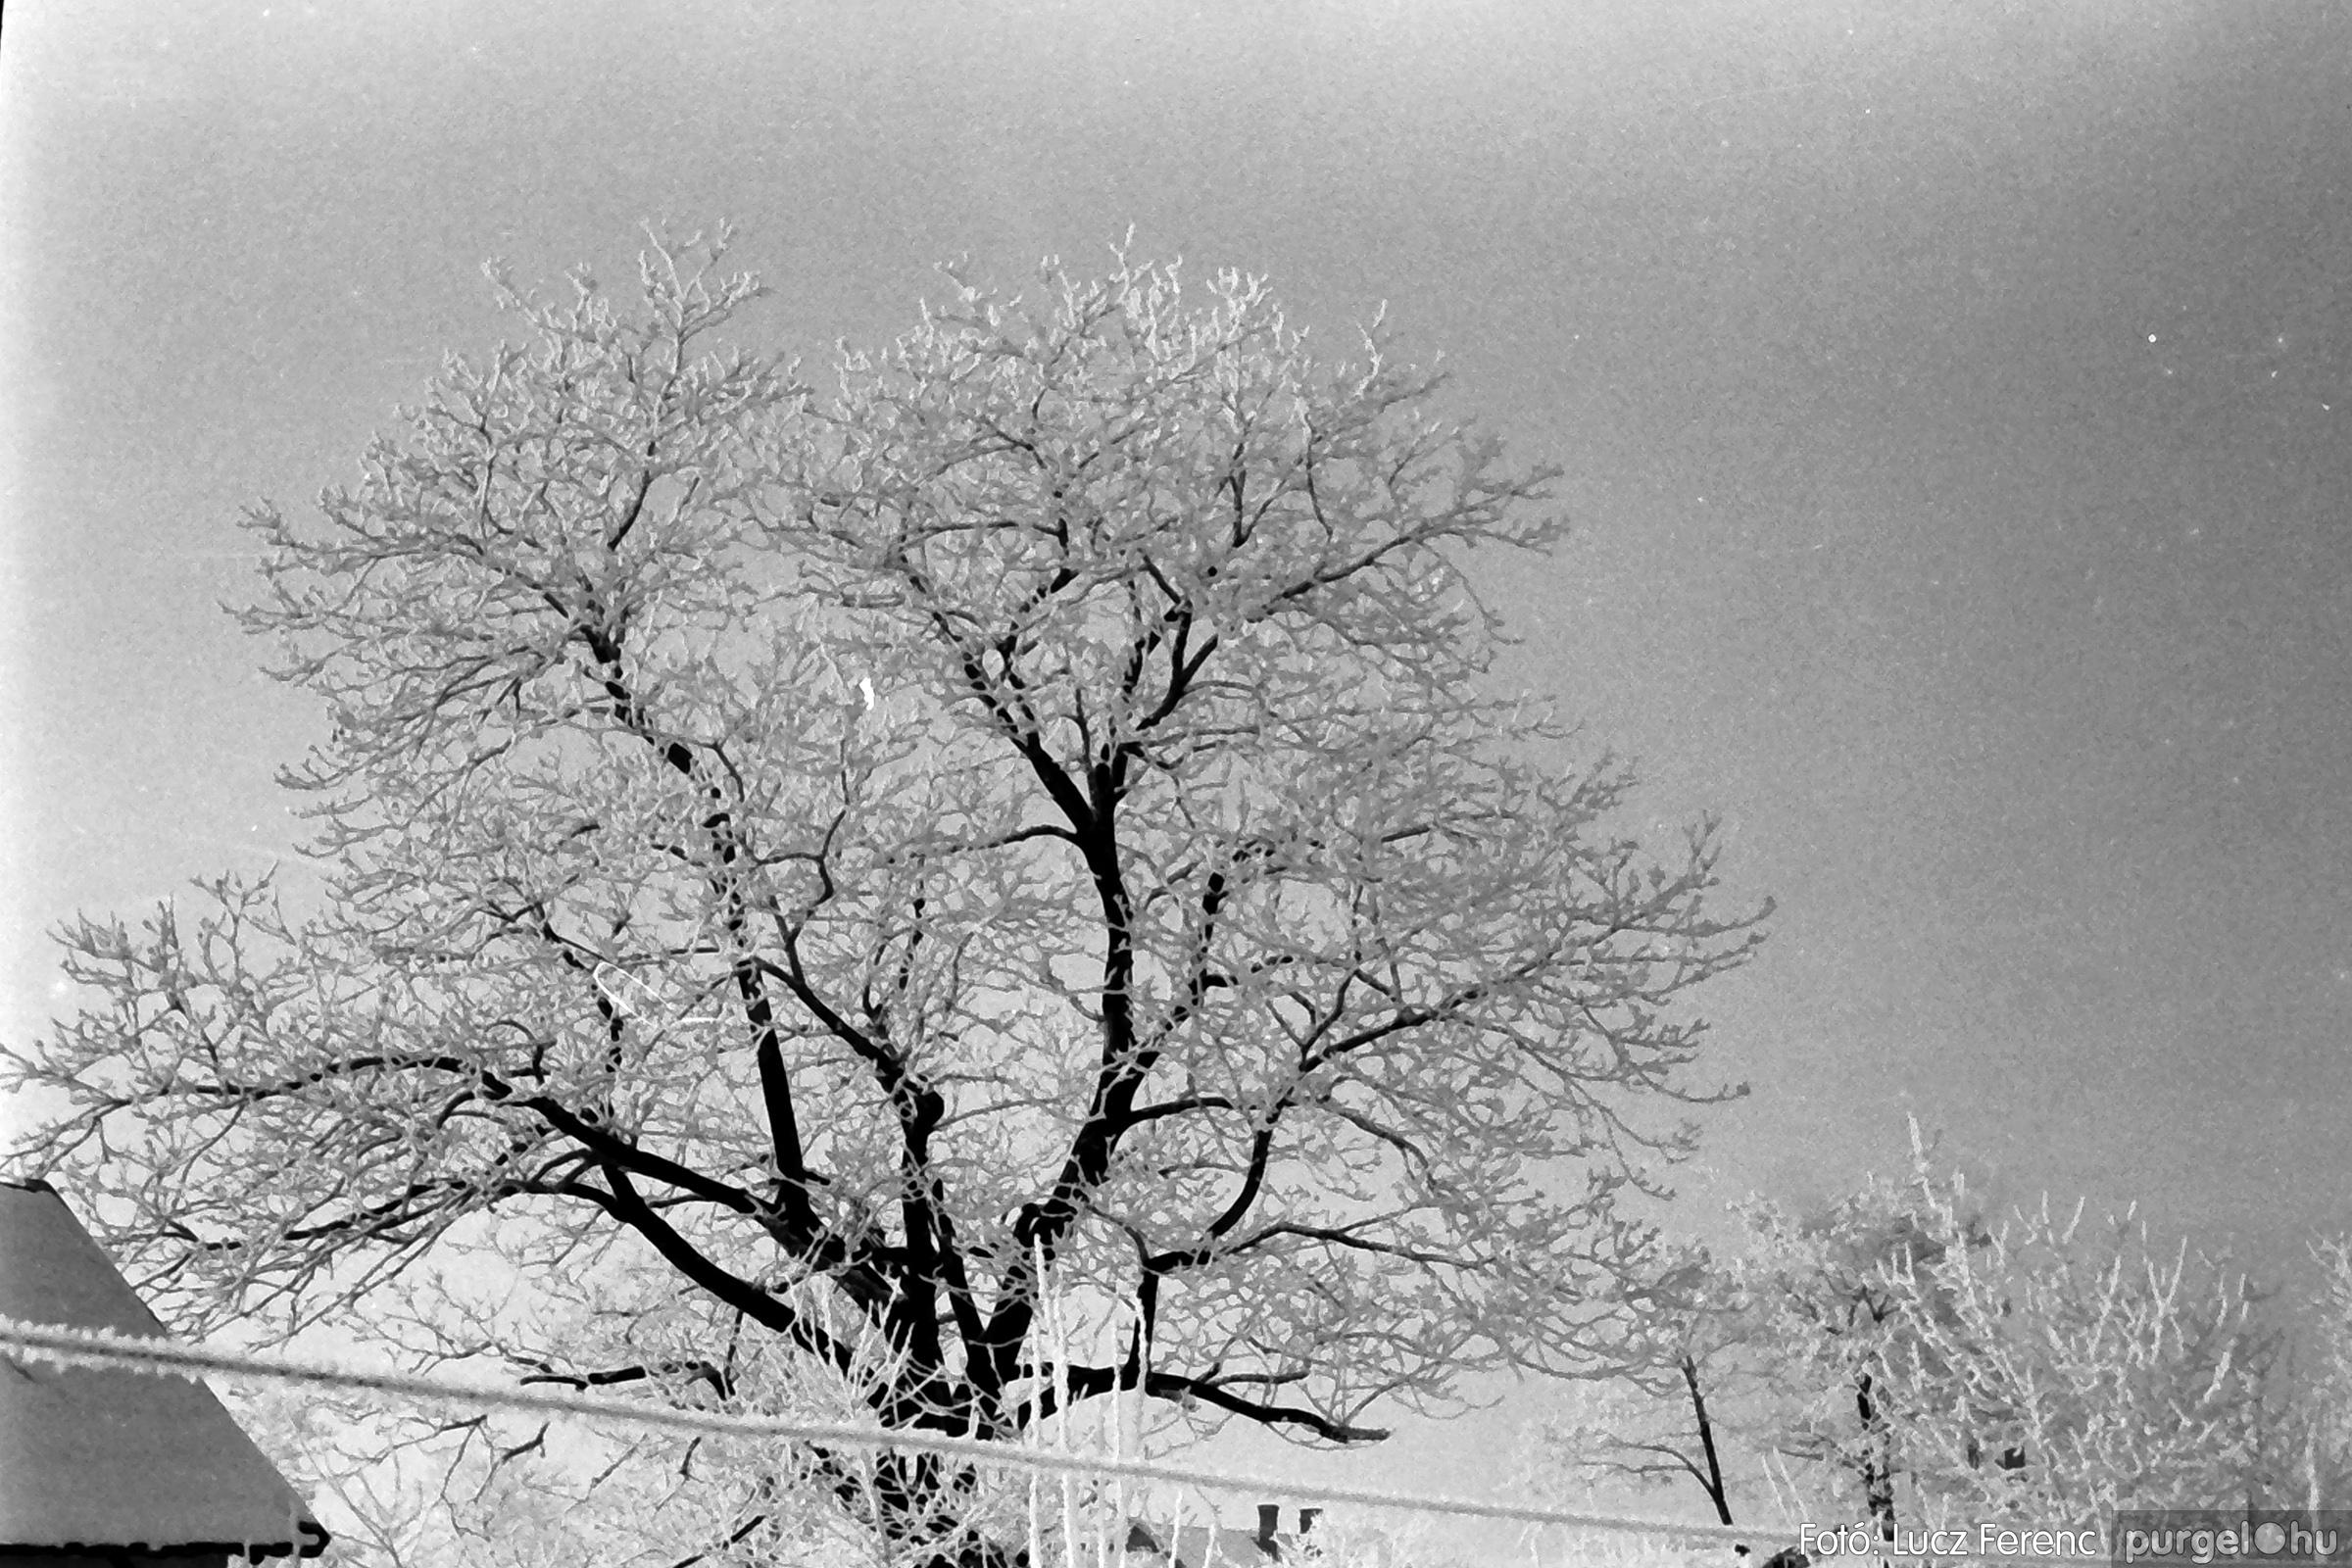 070. 1976.12.31. Szilveszter a kultúrházban 025. - Fotó: Lucz Ferenc.jpg